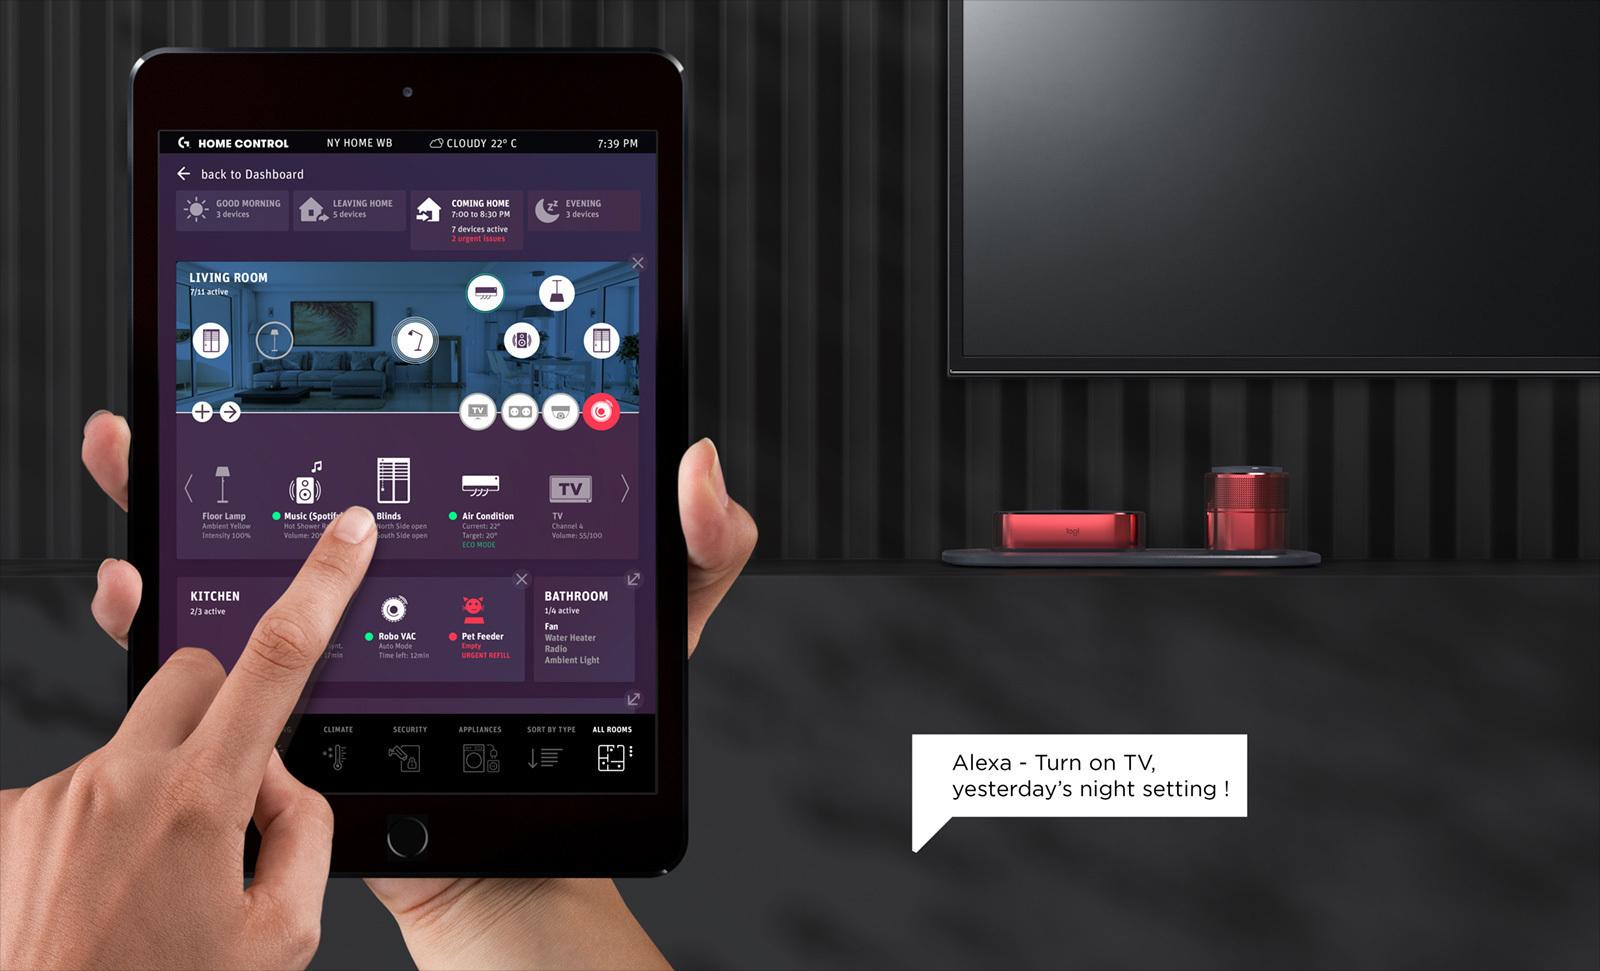 tablet tv app, tablet furniture app, tablet mouse app, tablet wifi app, tablet keyboard app, on tablet app home screen design